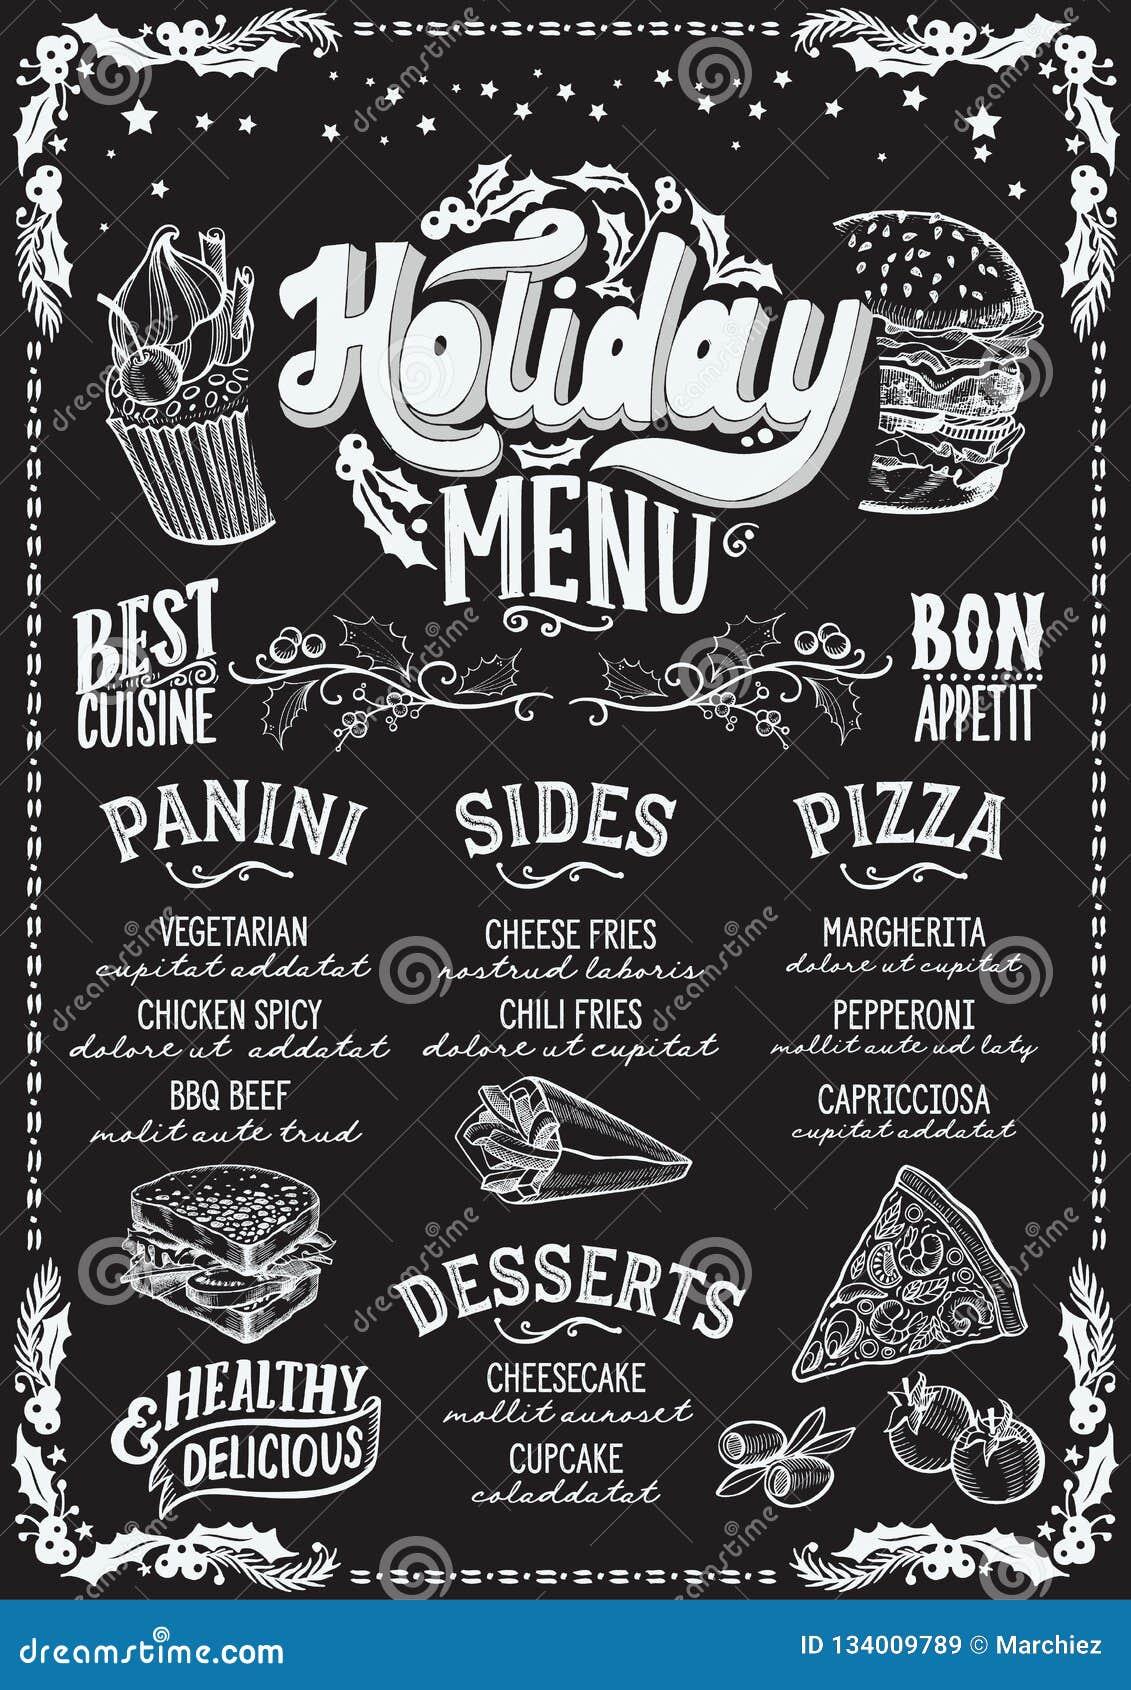 Menu De La Navidad Para El Restaurante Y Cafe En Una Pizarra